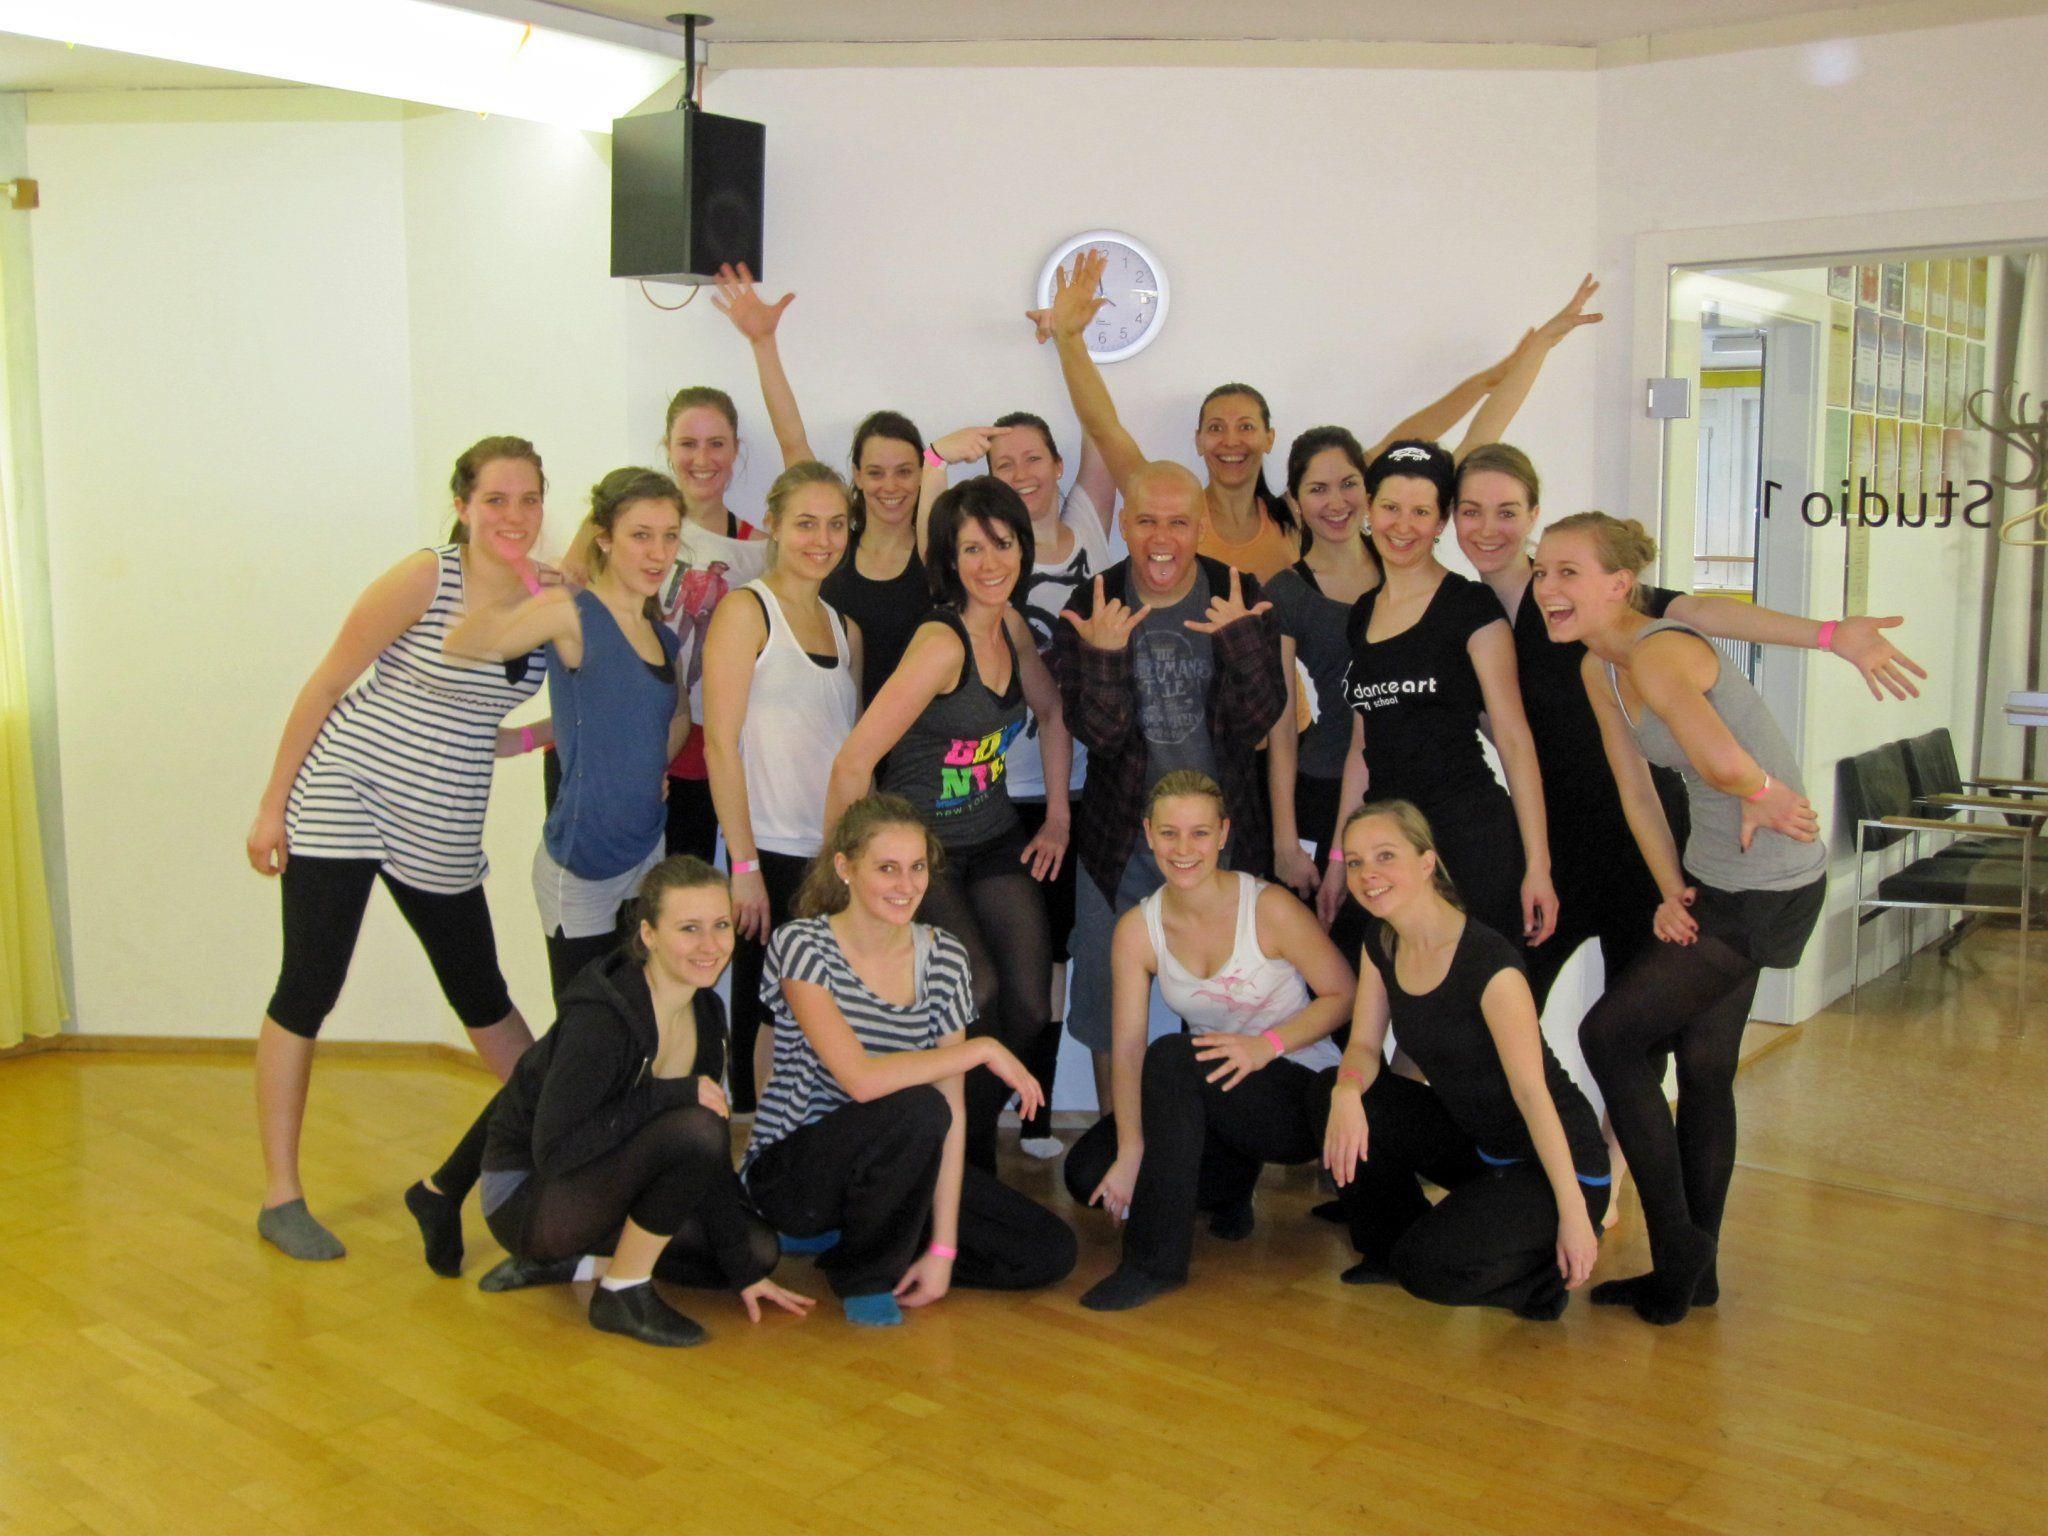 200 Tanzbegeisterte lernten von den Star-Choreografen die neuesten Dance-Steps.